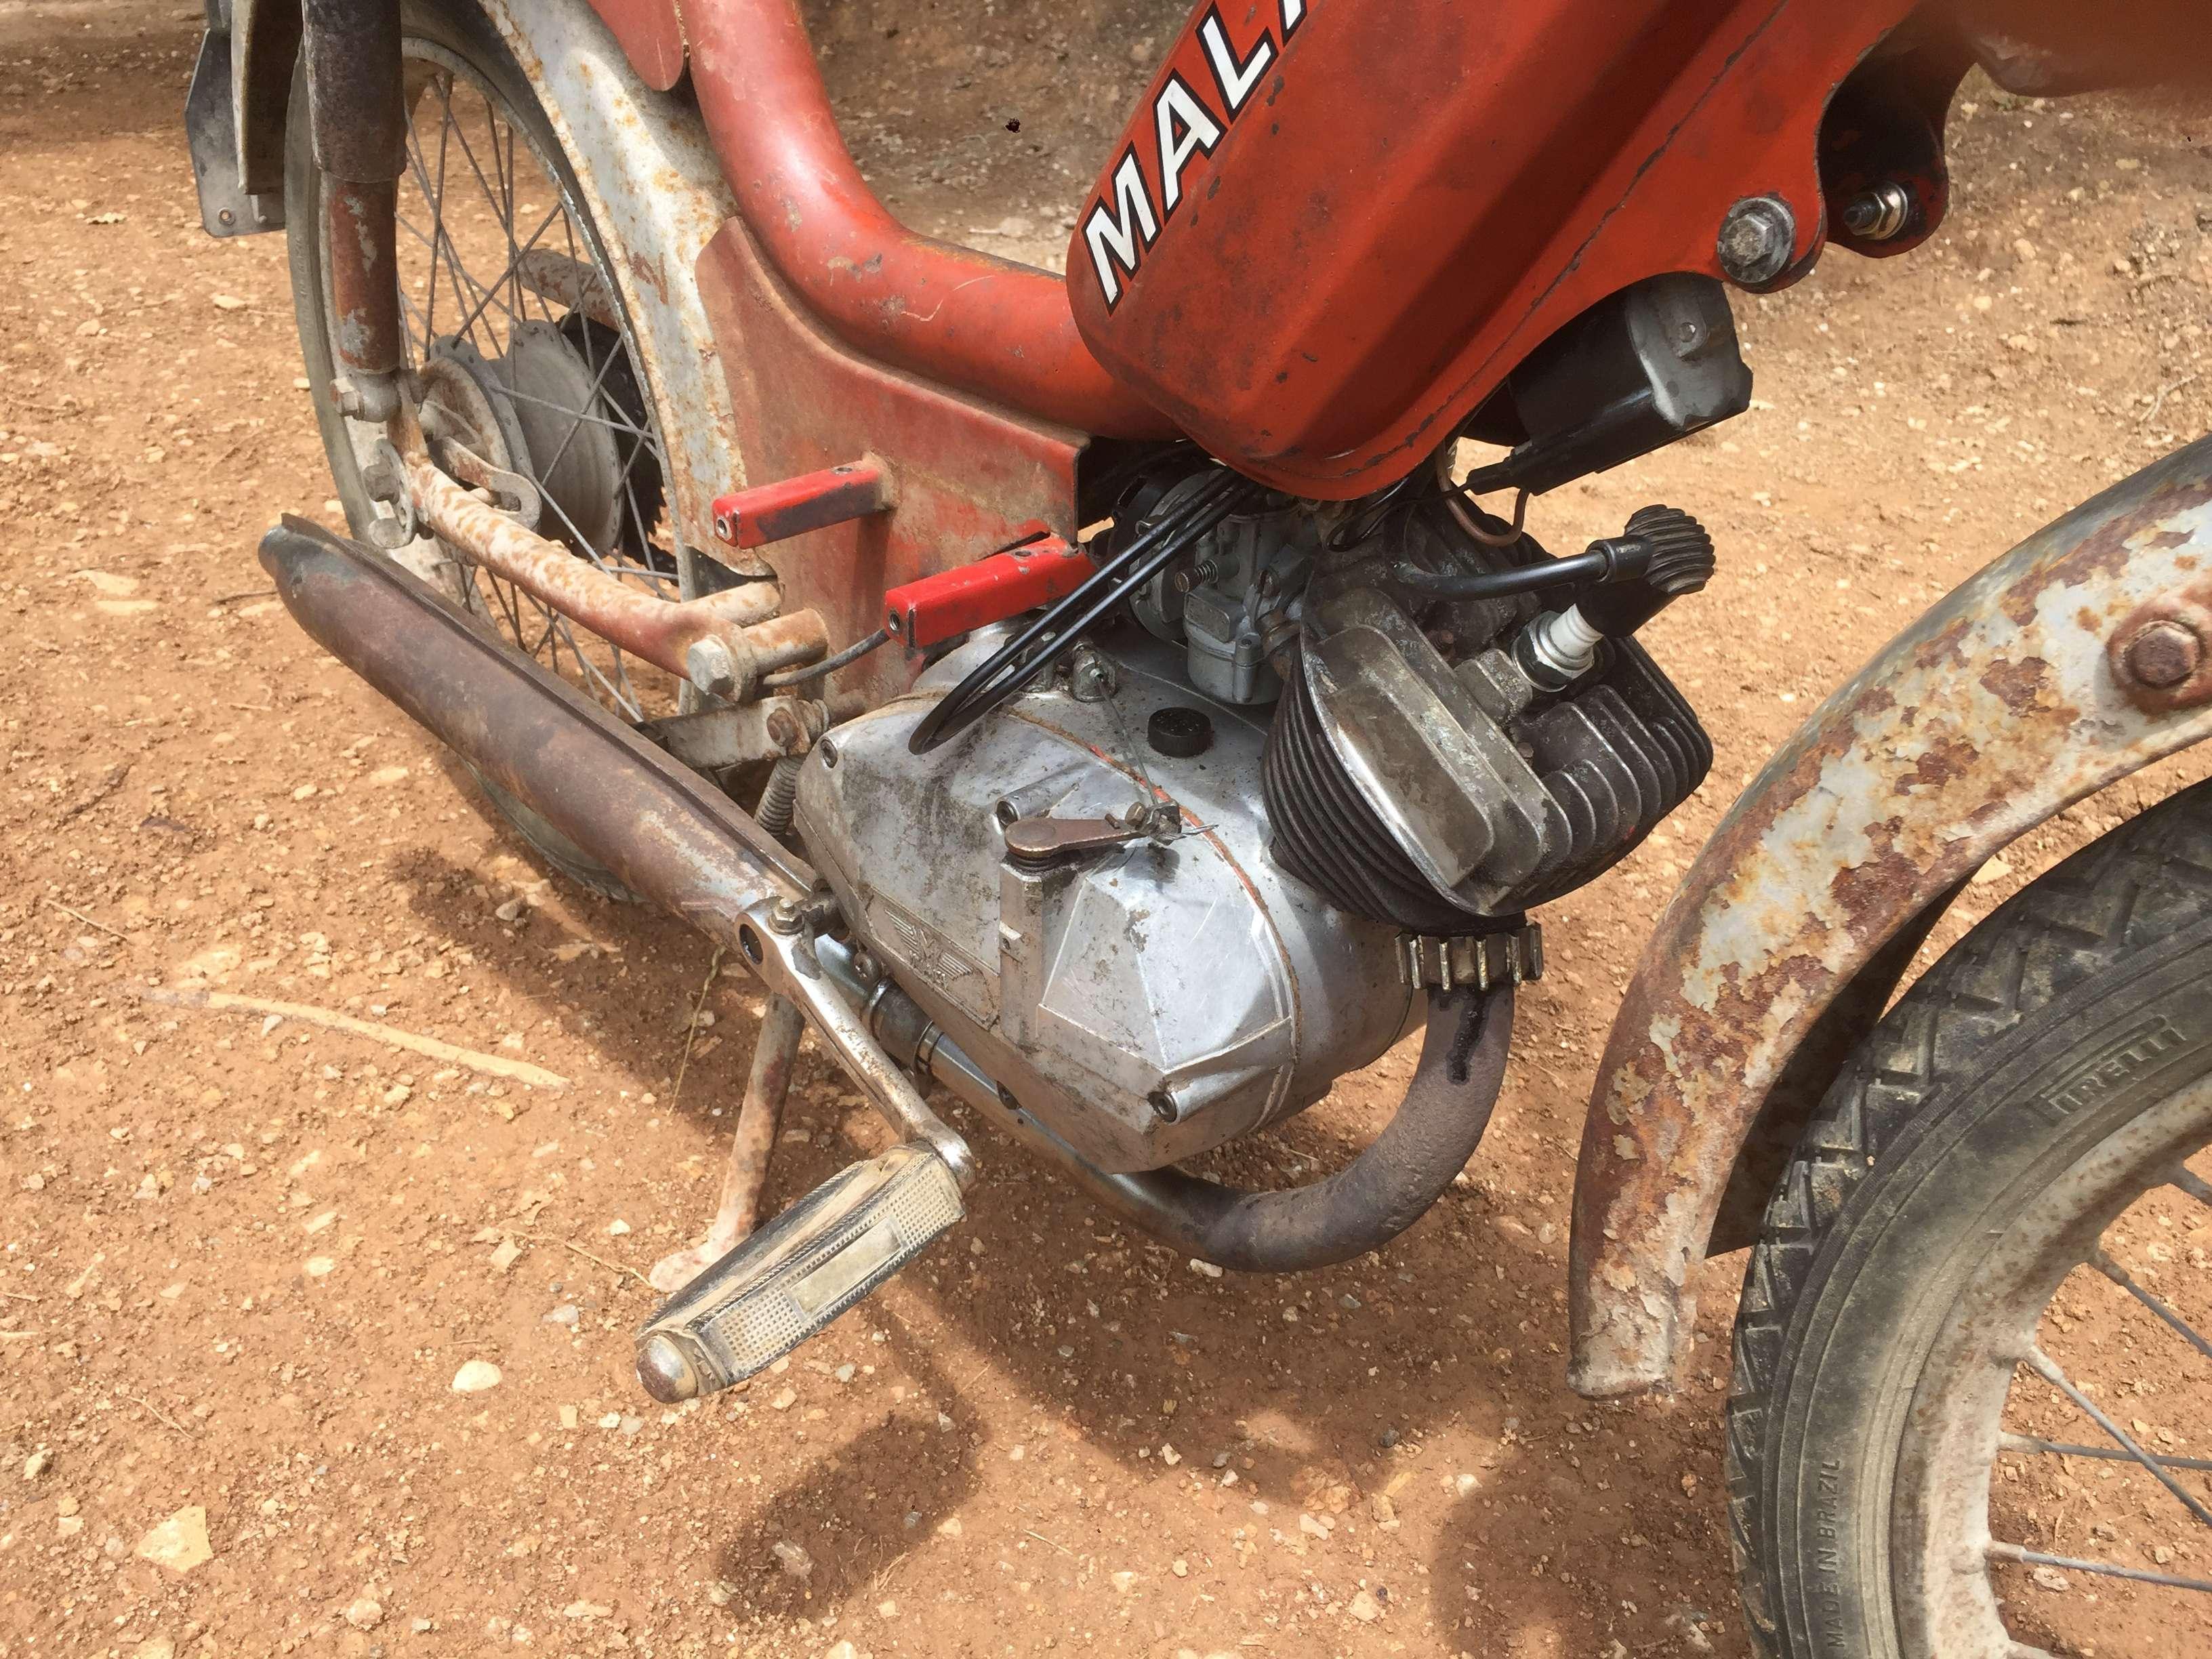 Cyclo Malanca Img_6034